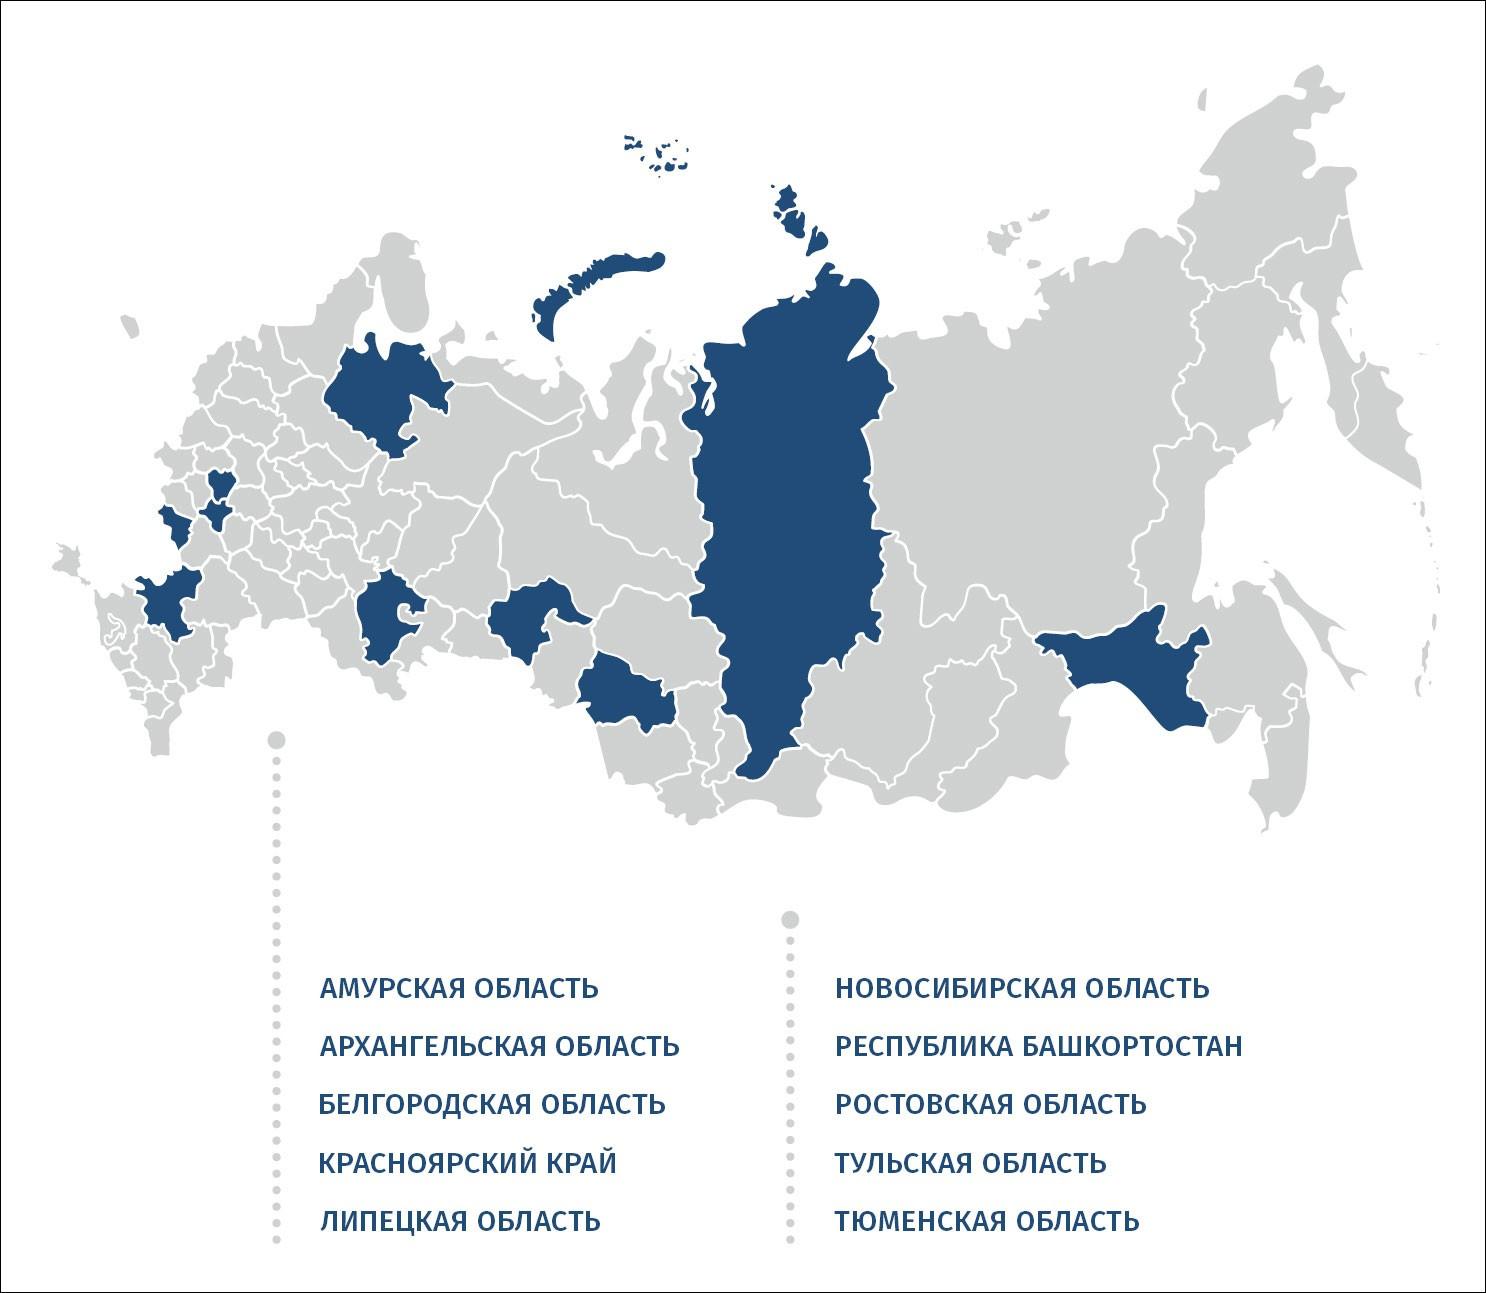 Все приоритетные госуслуги переведены в электронный вид только в 10 регионах – исследование